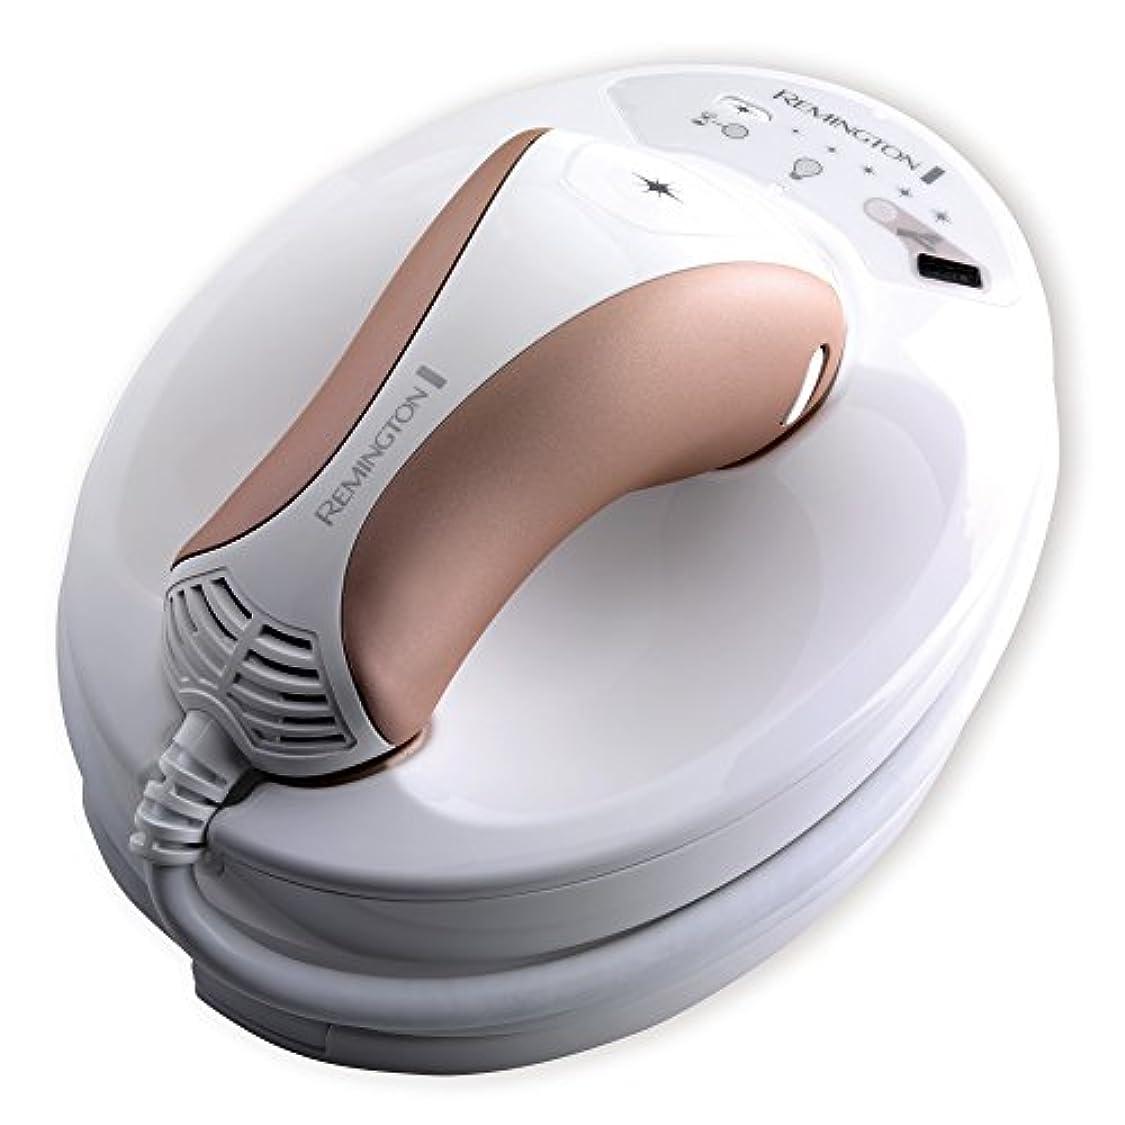 無駄ガウン上陸家庭用フラッシュ式脱毛機「I-LIGHT Pro」 男女兼用【並行輸入品】